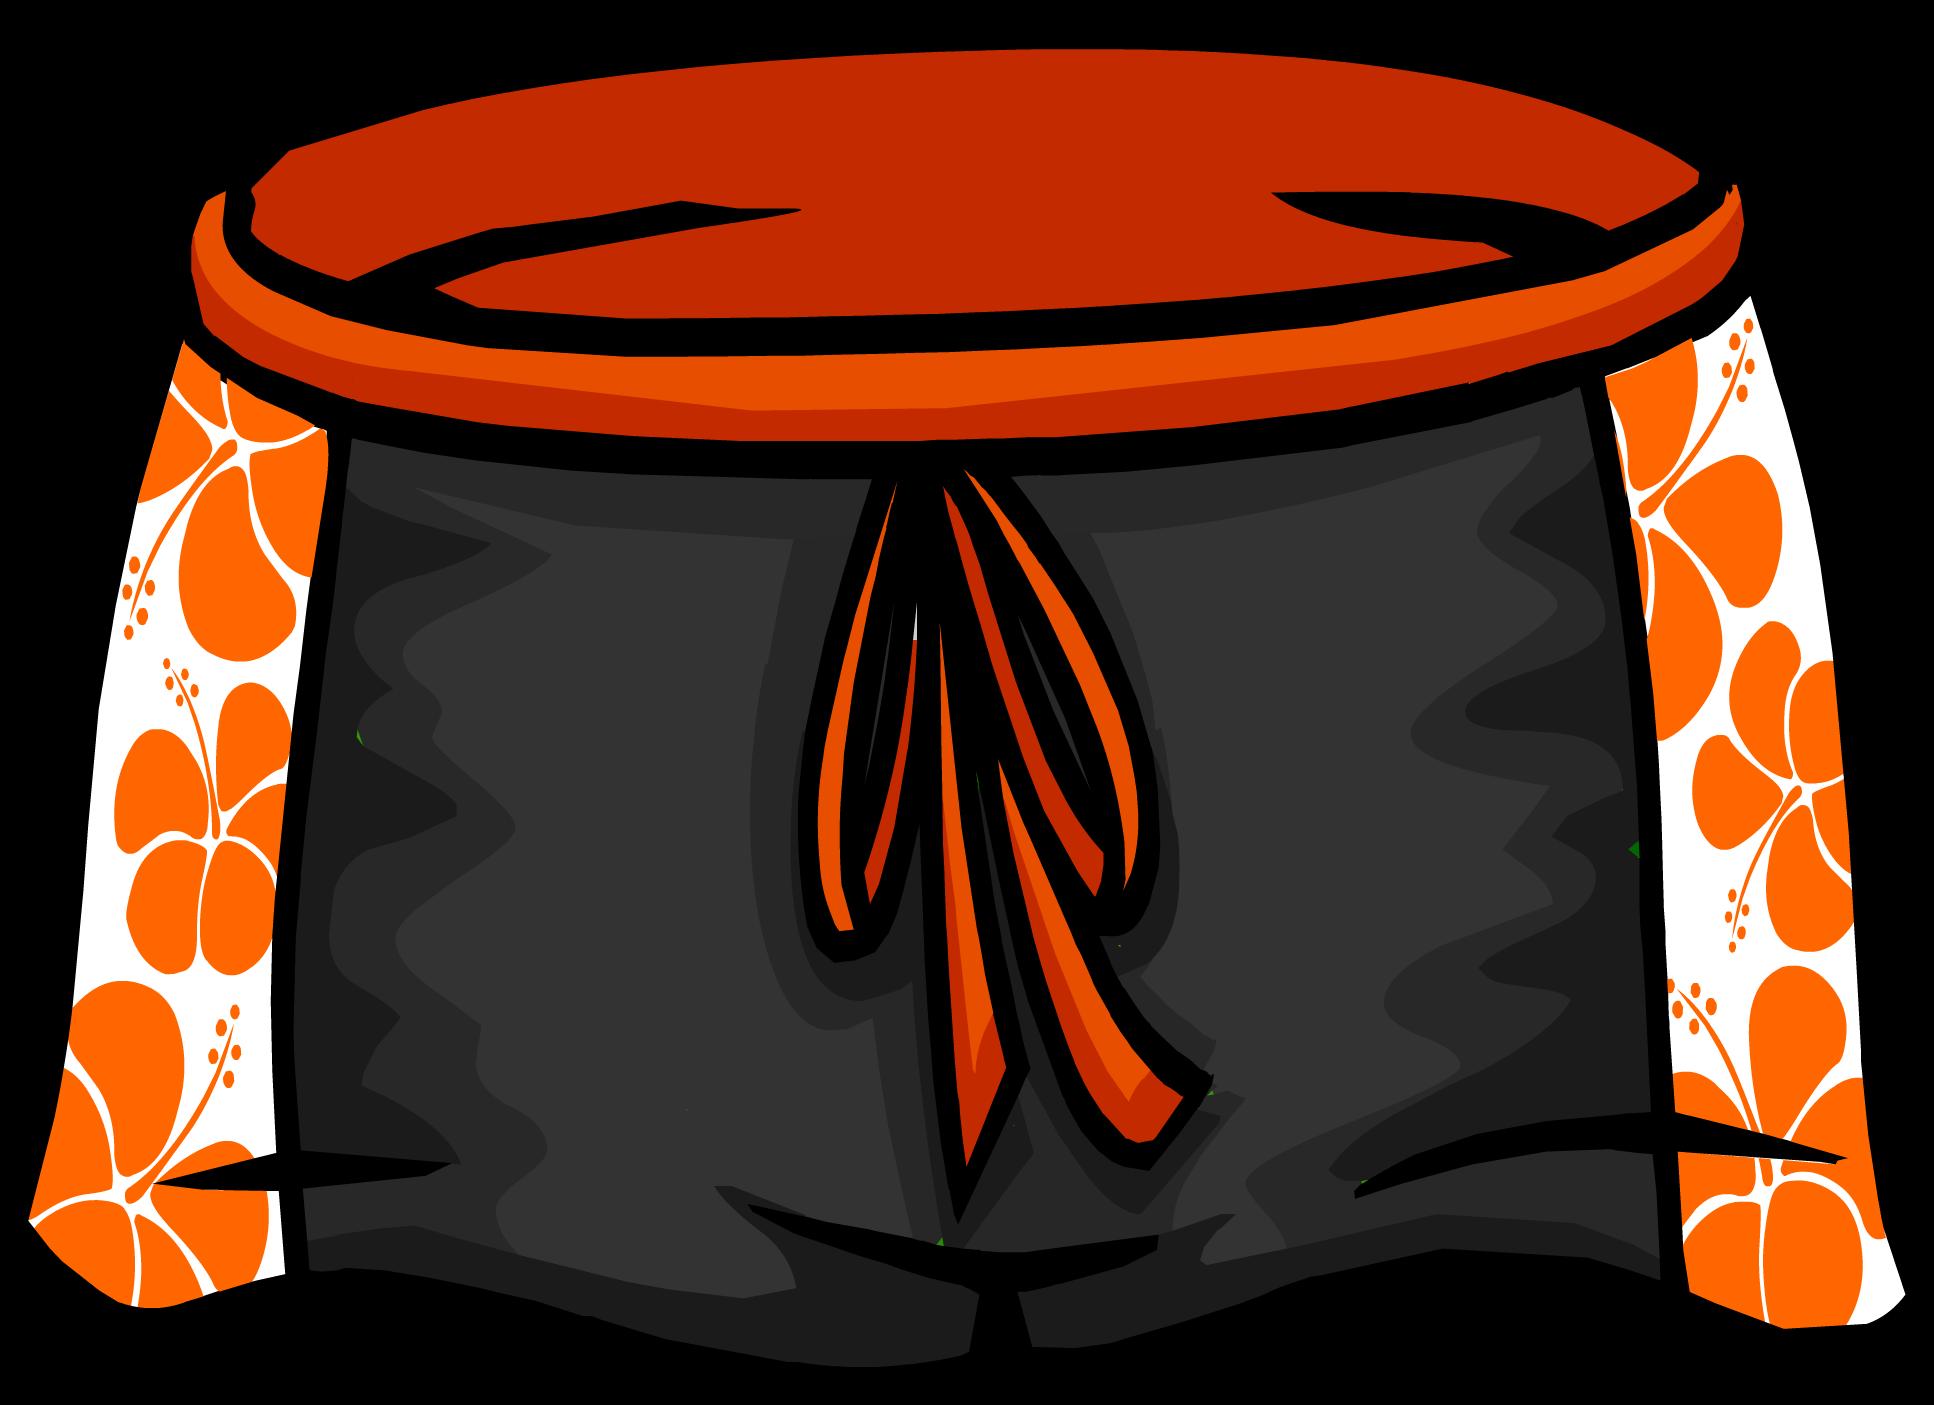 Hawaiian clipart animated. Image black shorts icon